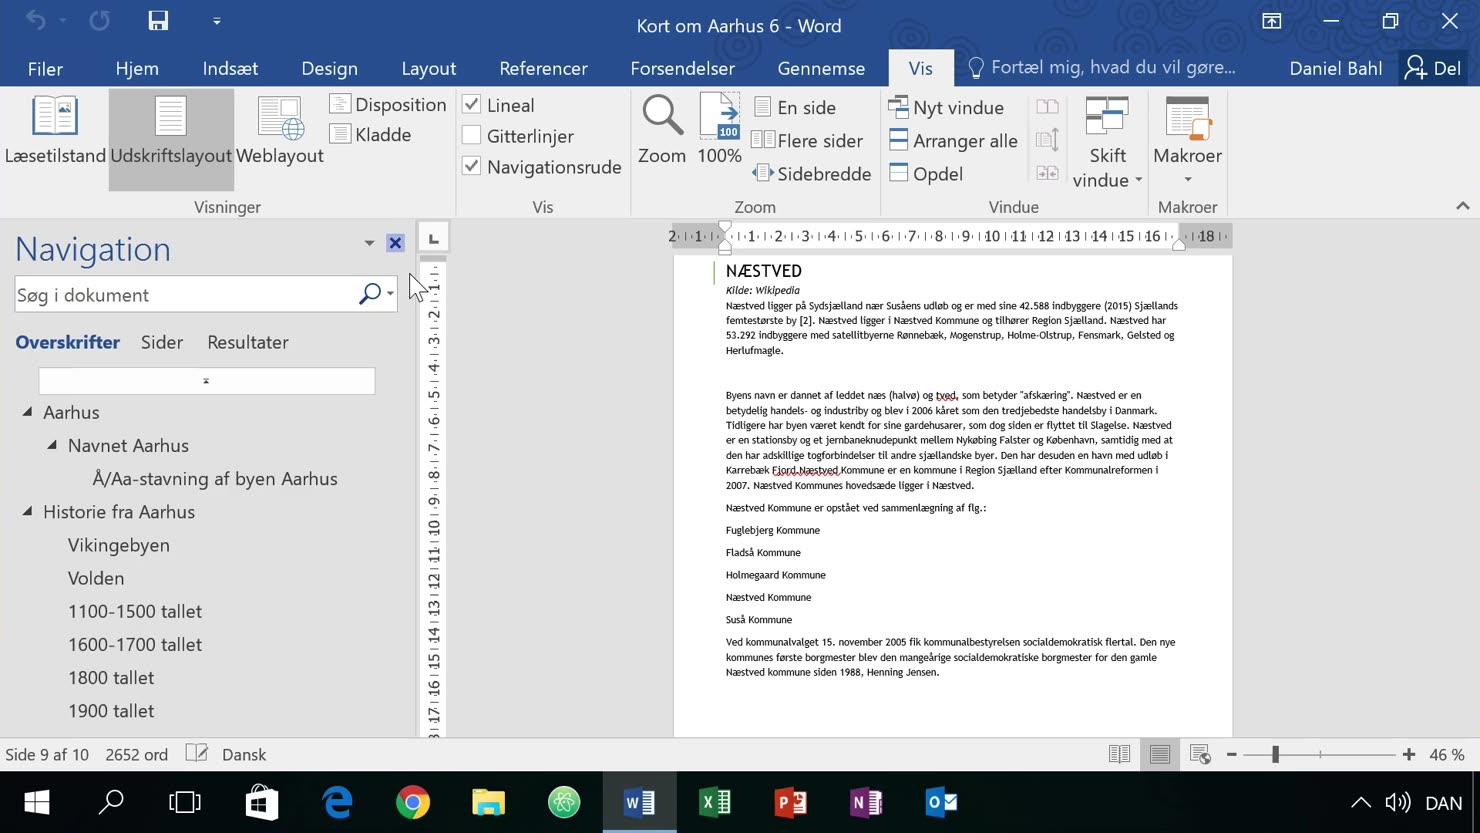 Navigationsrude - få overblikket over dit dokument